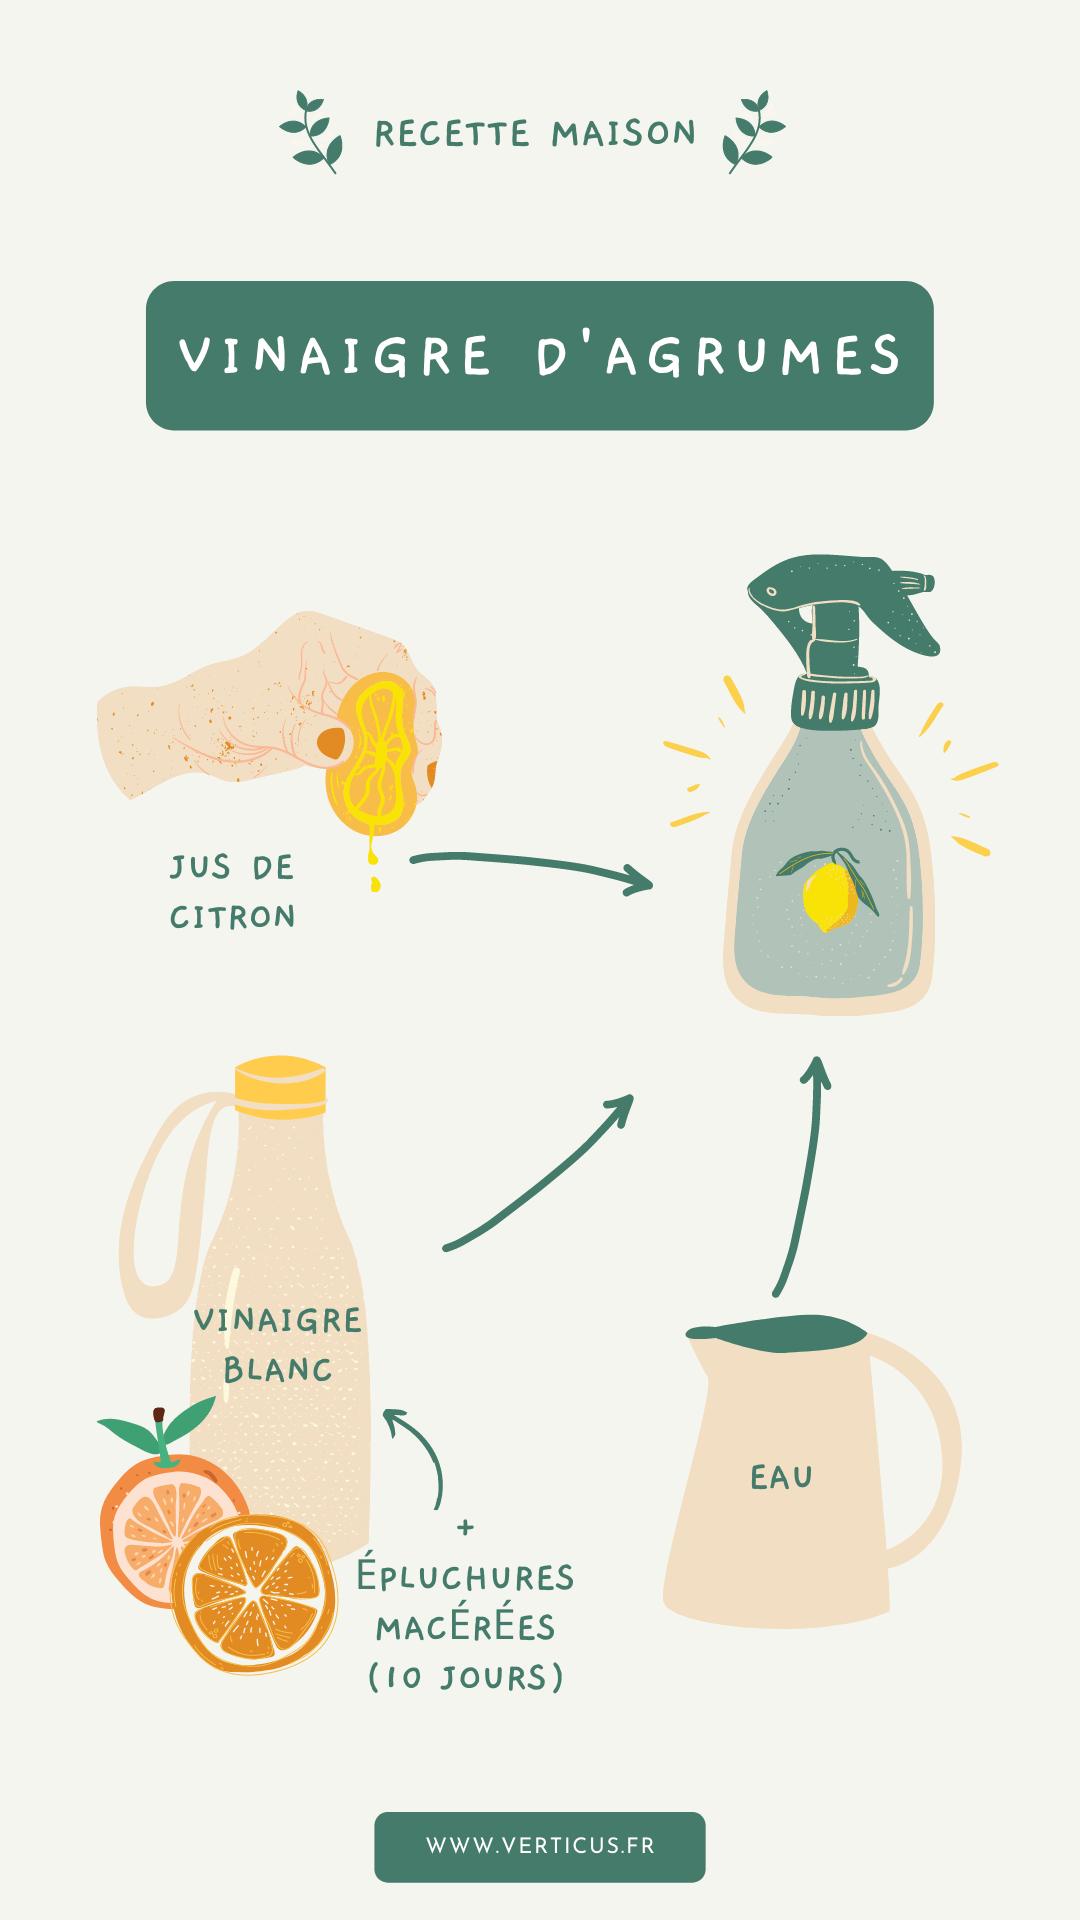 Recette DIY de vinaigre d'agrumes maison